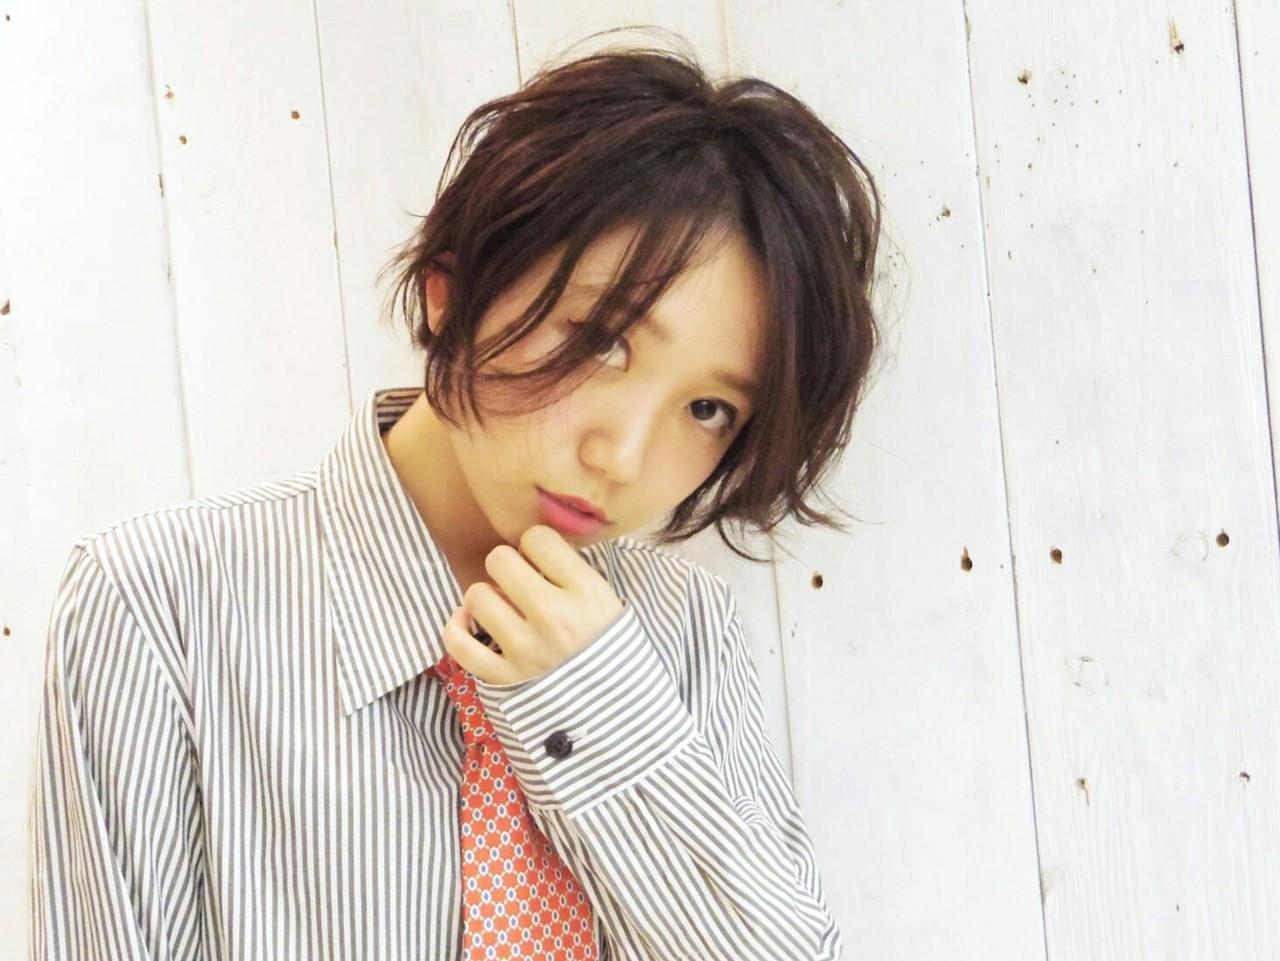 ショートボブの巻き髪はふわふわ軽やかさが魅力 KUMA | hair make PUR